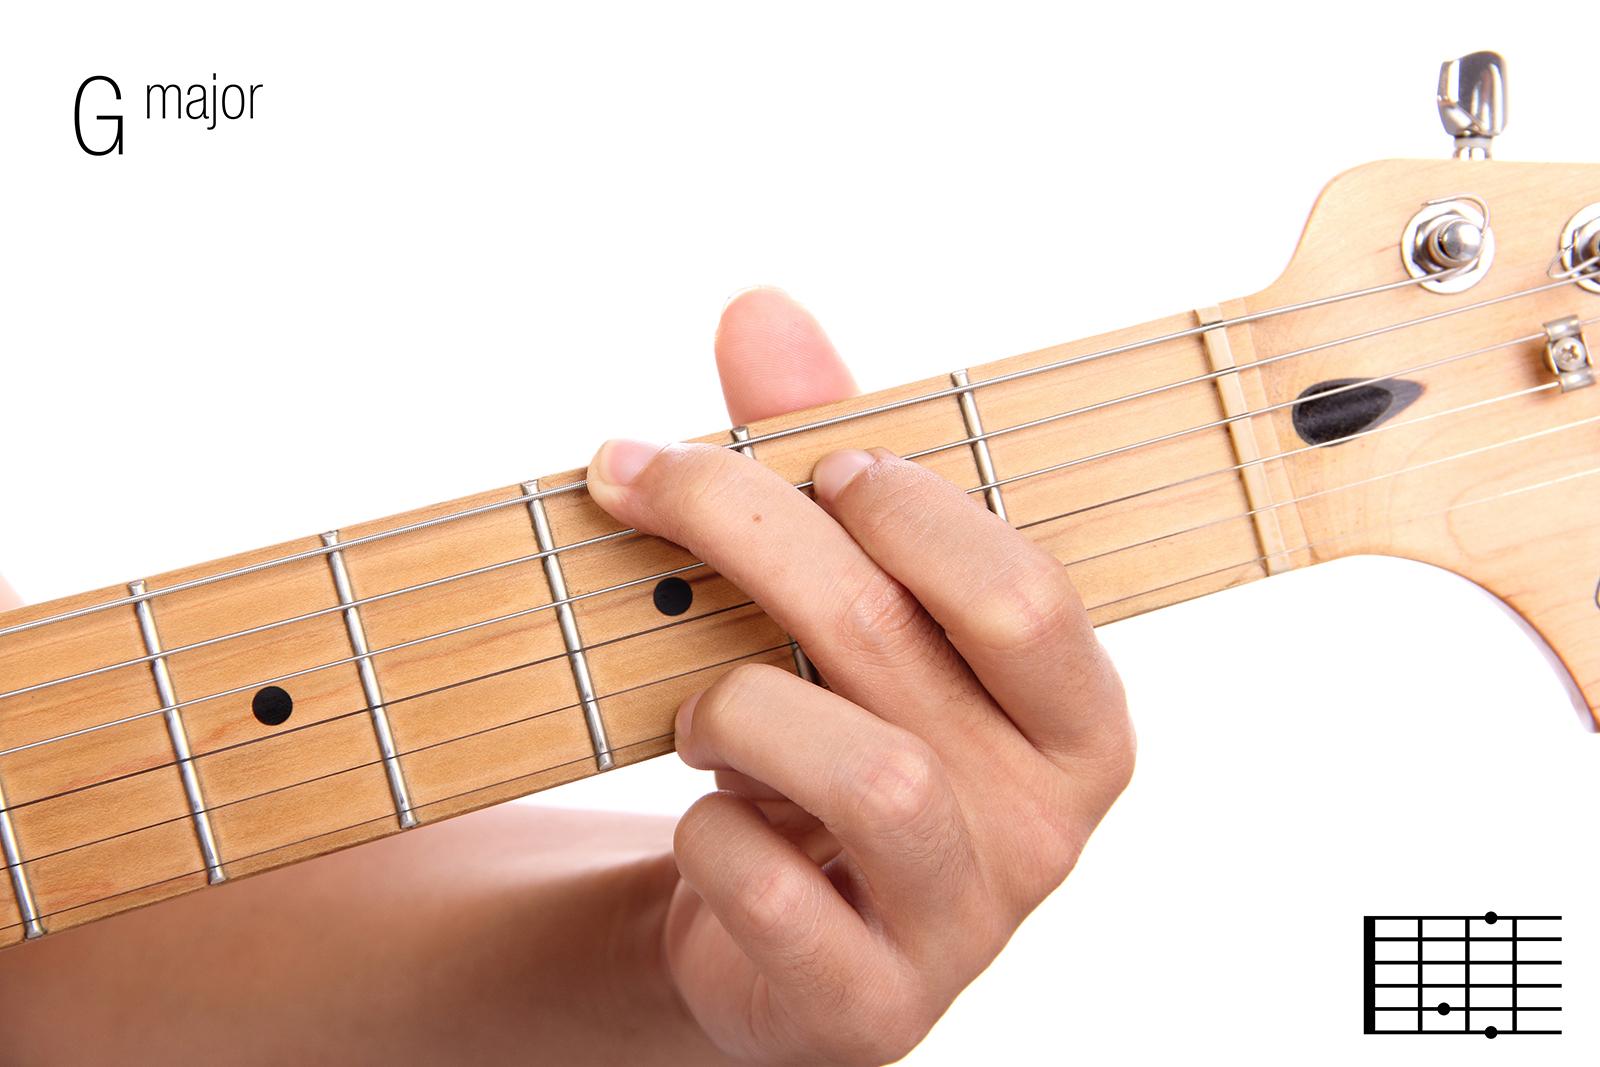 G Major - Guitar Chords For Beginners